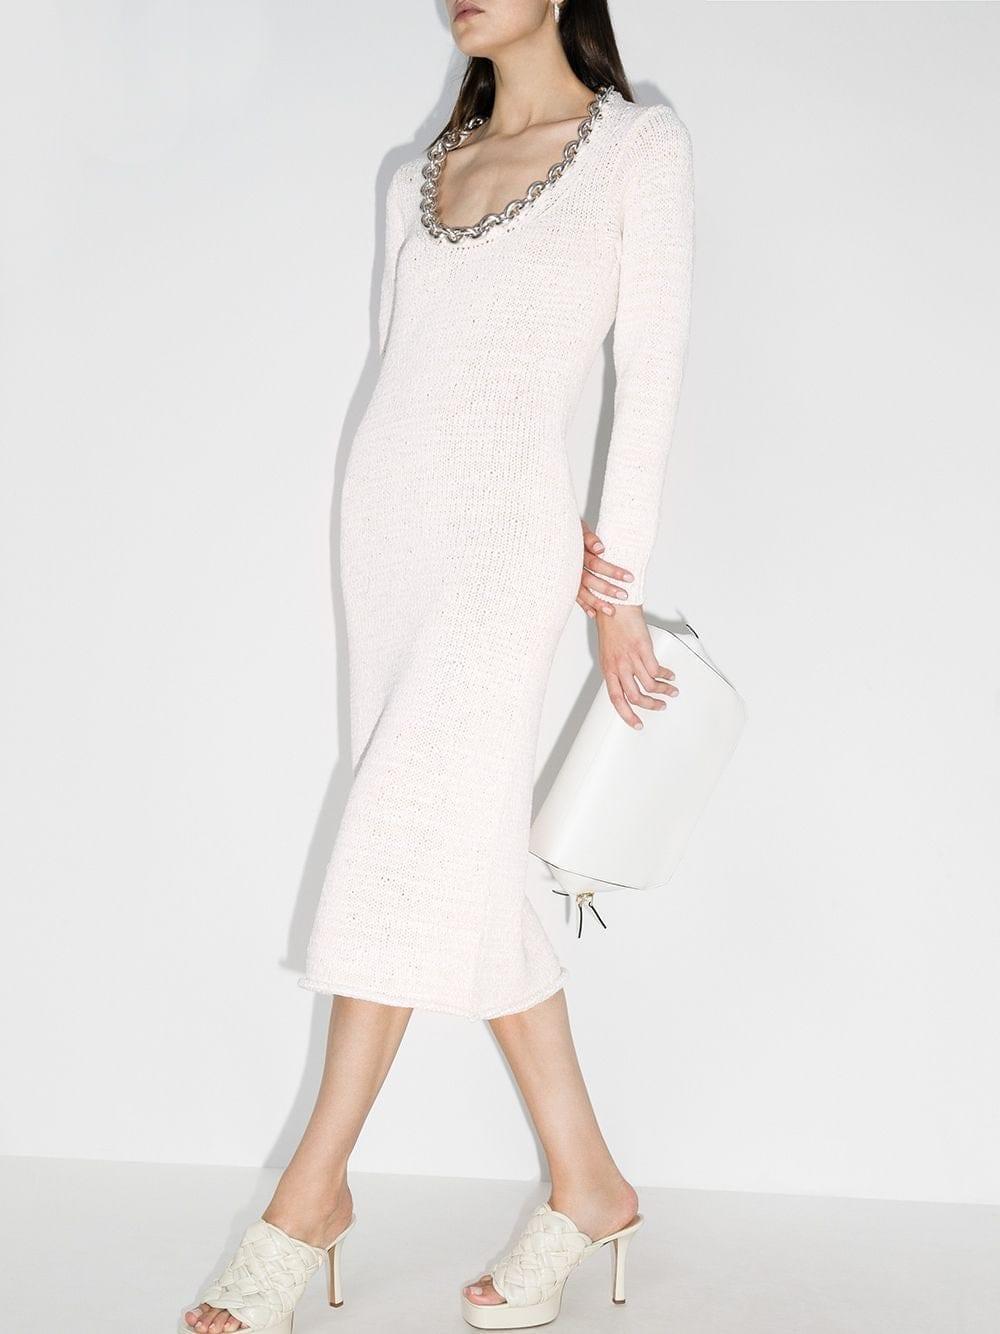 BOTTEGA VENETA Chain-trim Cotton Dress